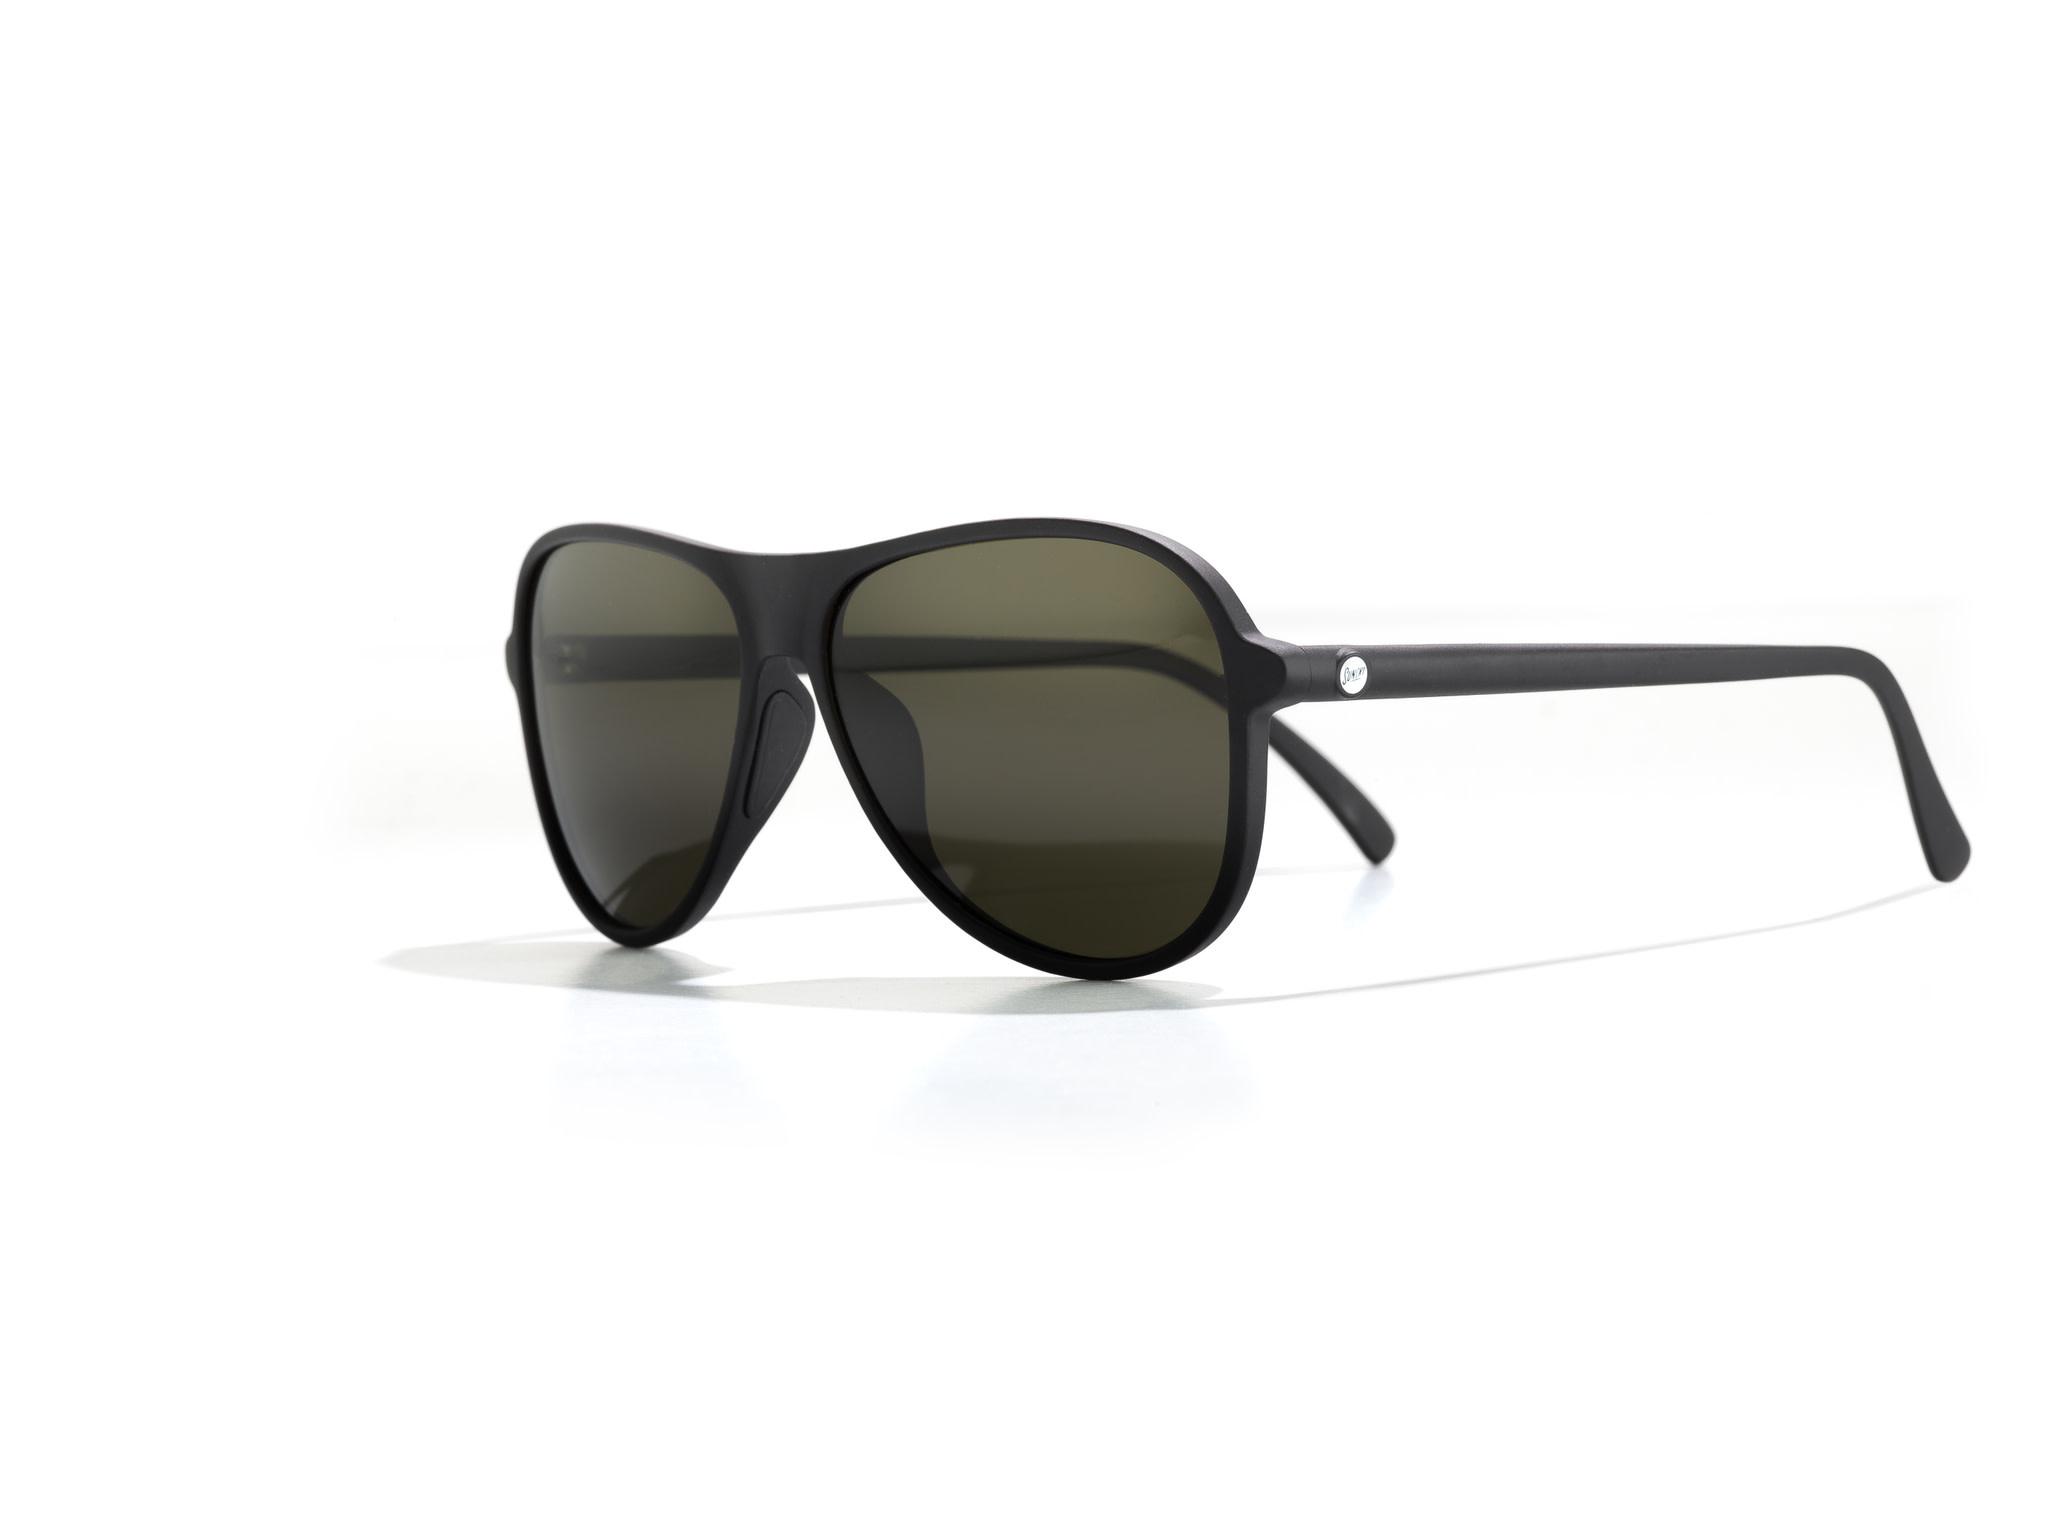 Sunski Sunski Foxtrot Sunglasses